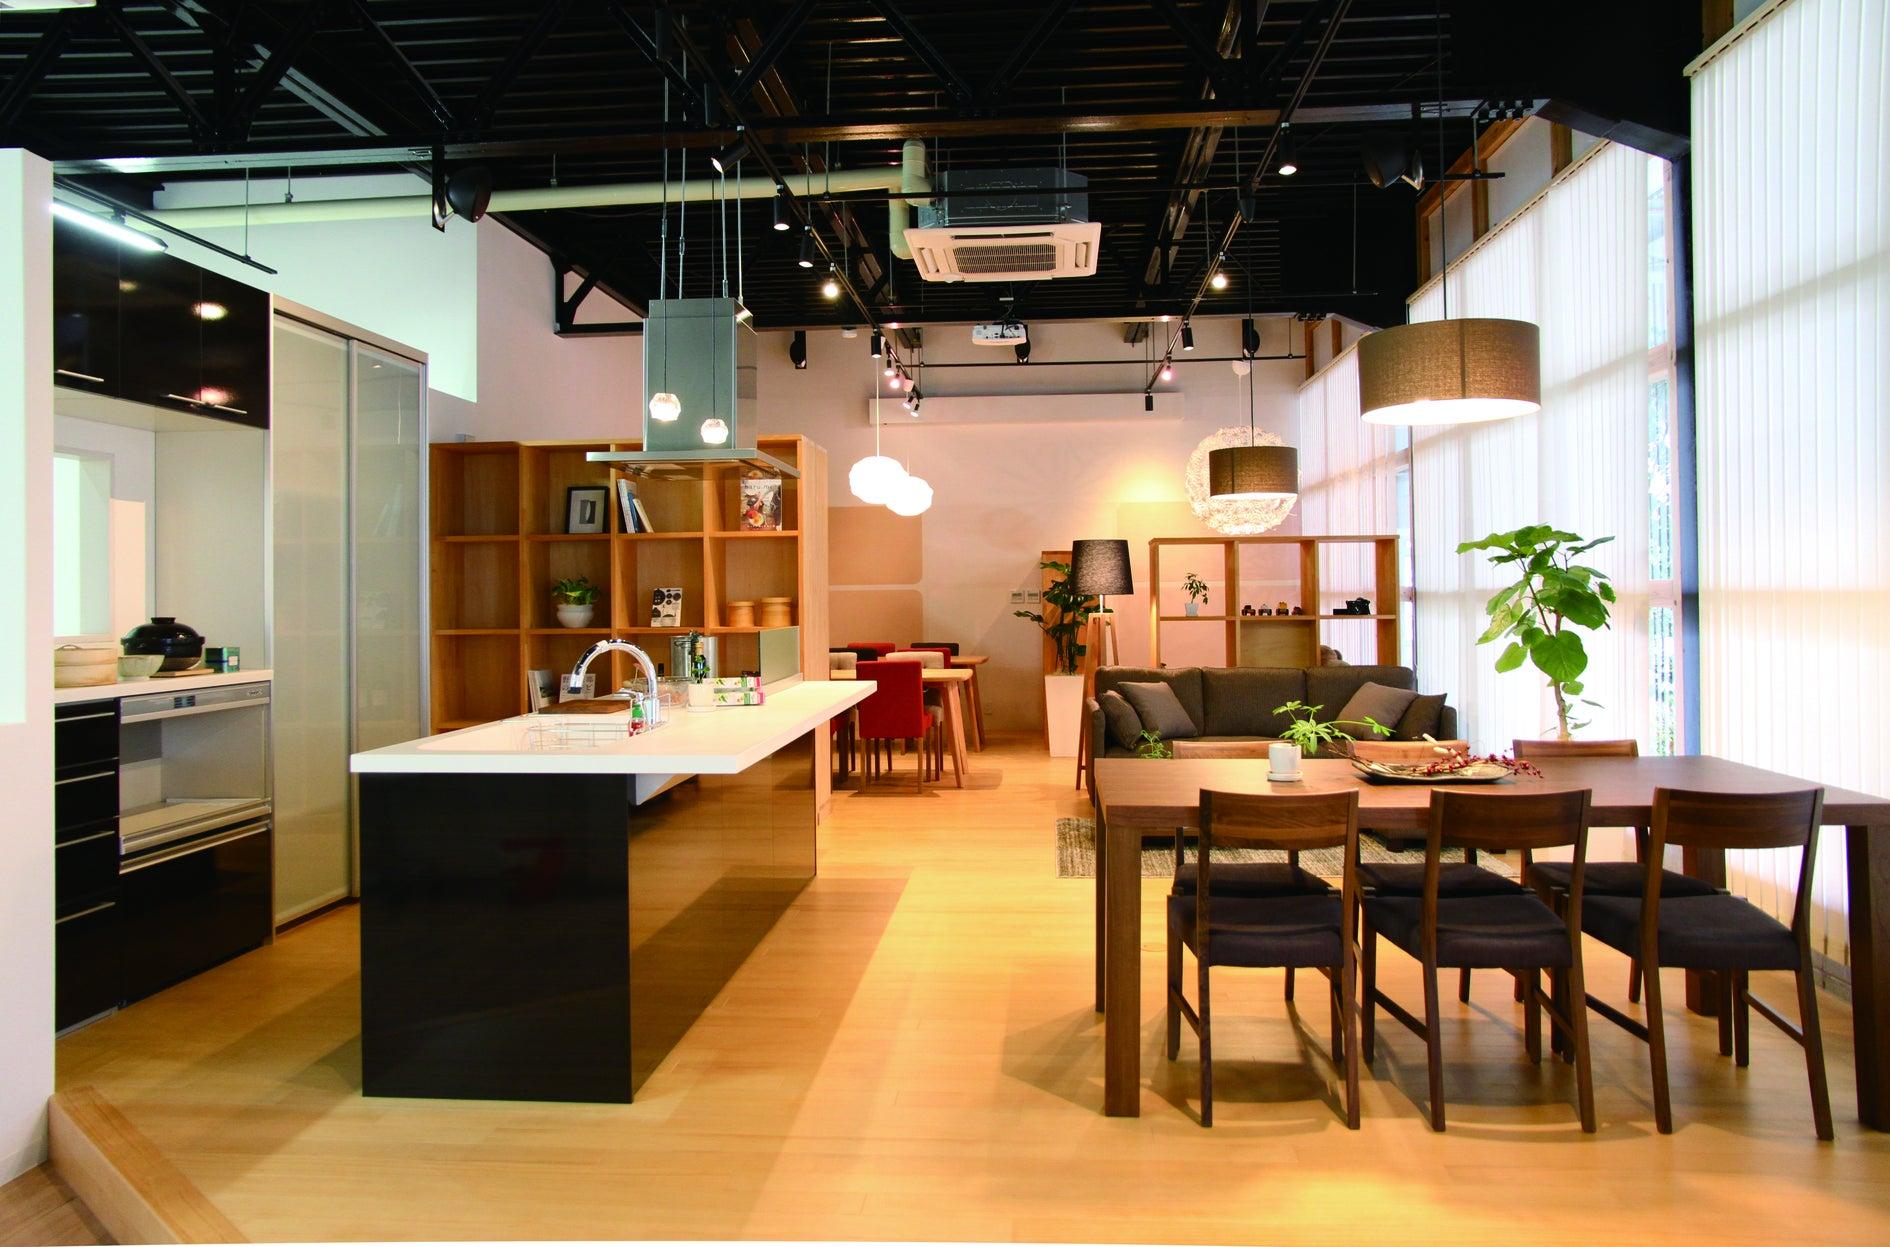 床暖完備!倉庫をリノベしたスペース!展示販売会・ワークショップなどに! の写真